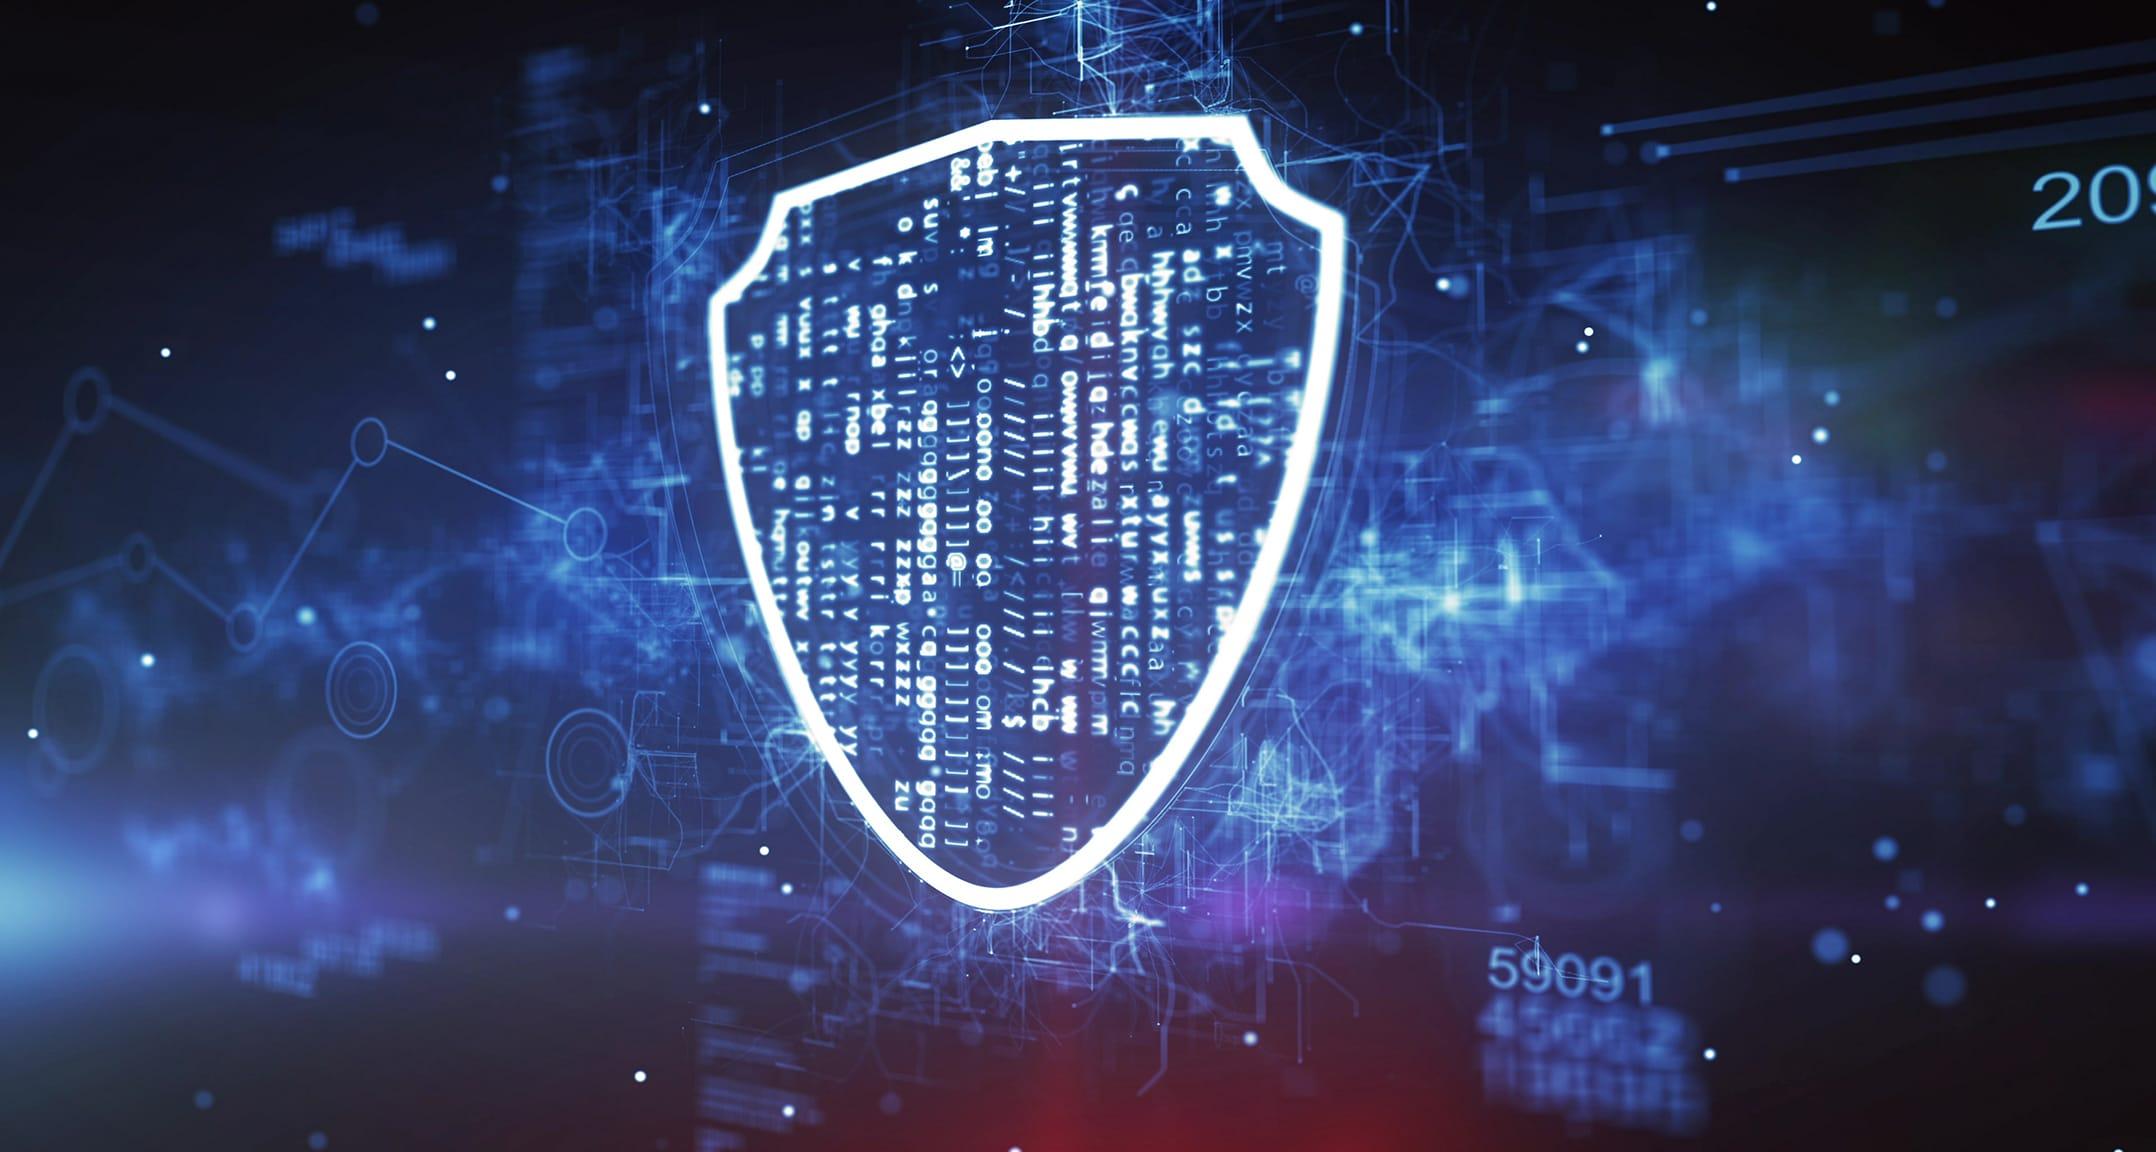 Кибербезопасность и пандемия 5 главных угроз для бизнеса